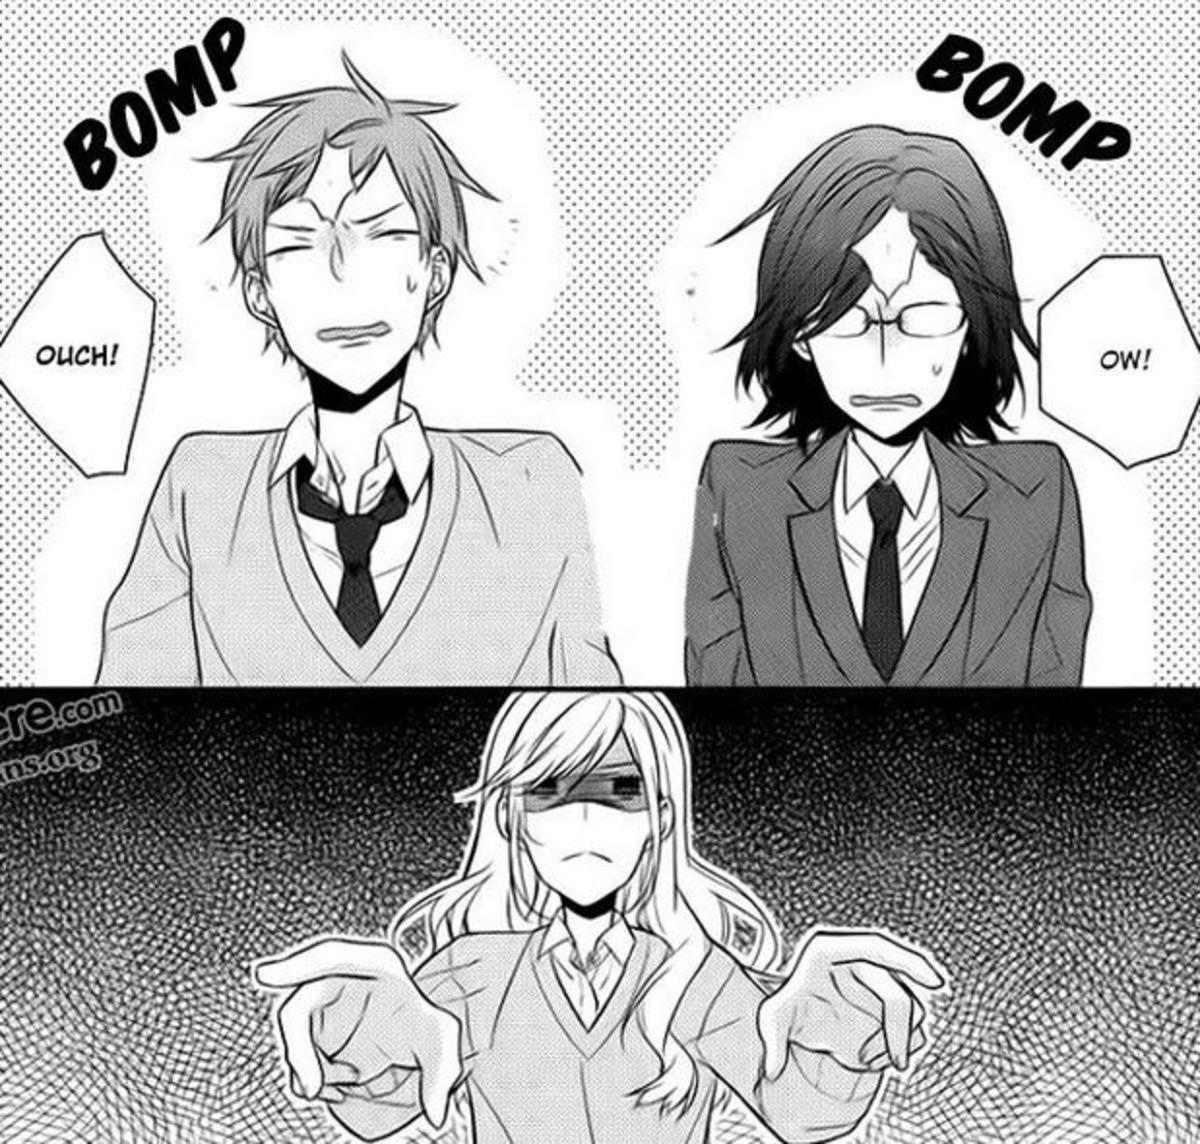 Toru, Miyamura and Hori